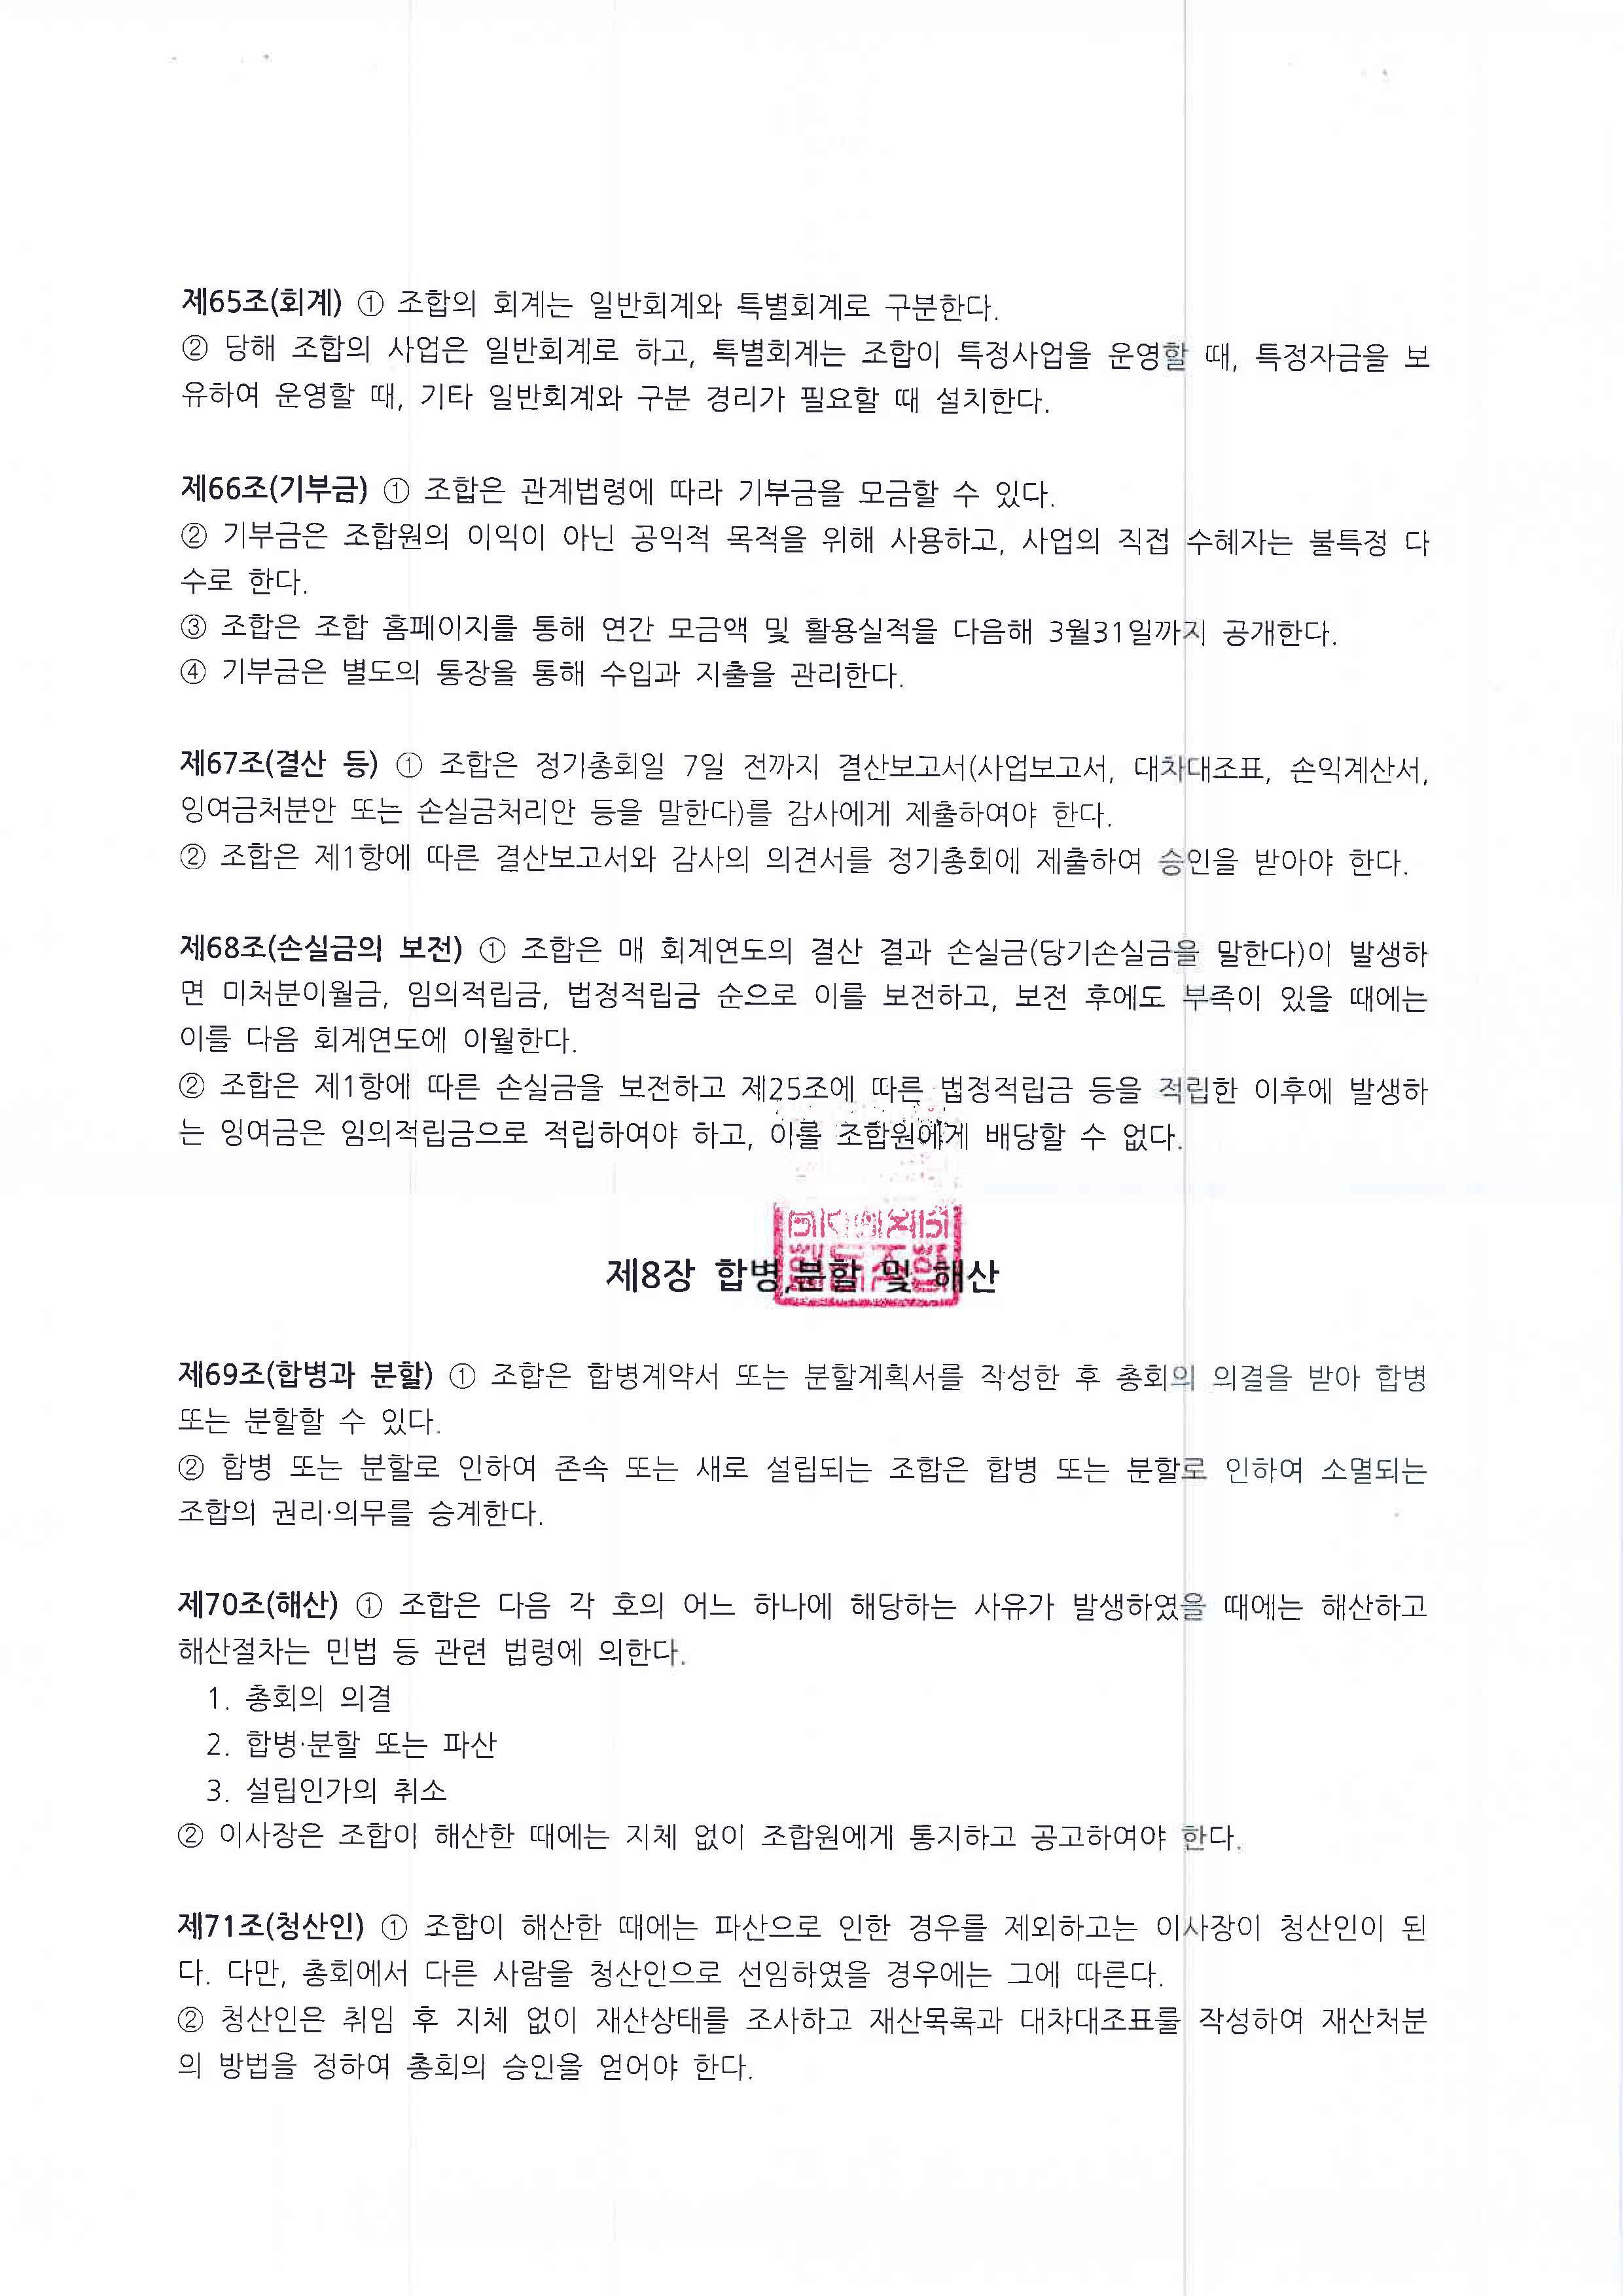 정관(20차 총회 개정안 반영)-원본대조필_페이지_16.jpg